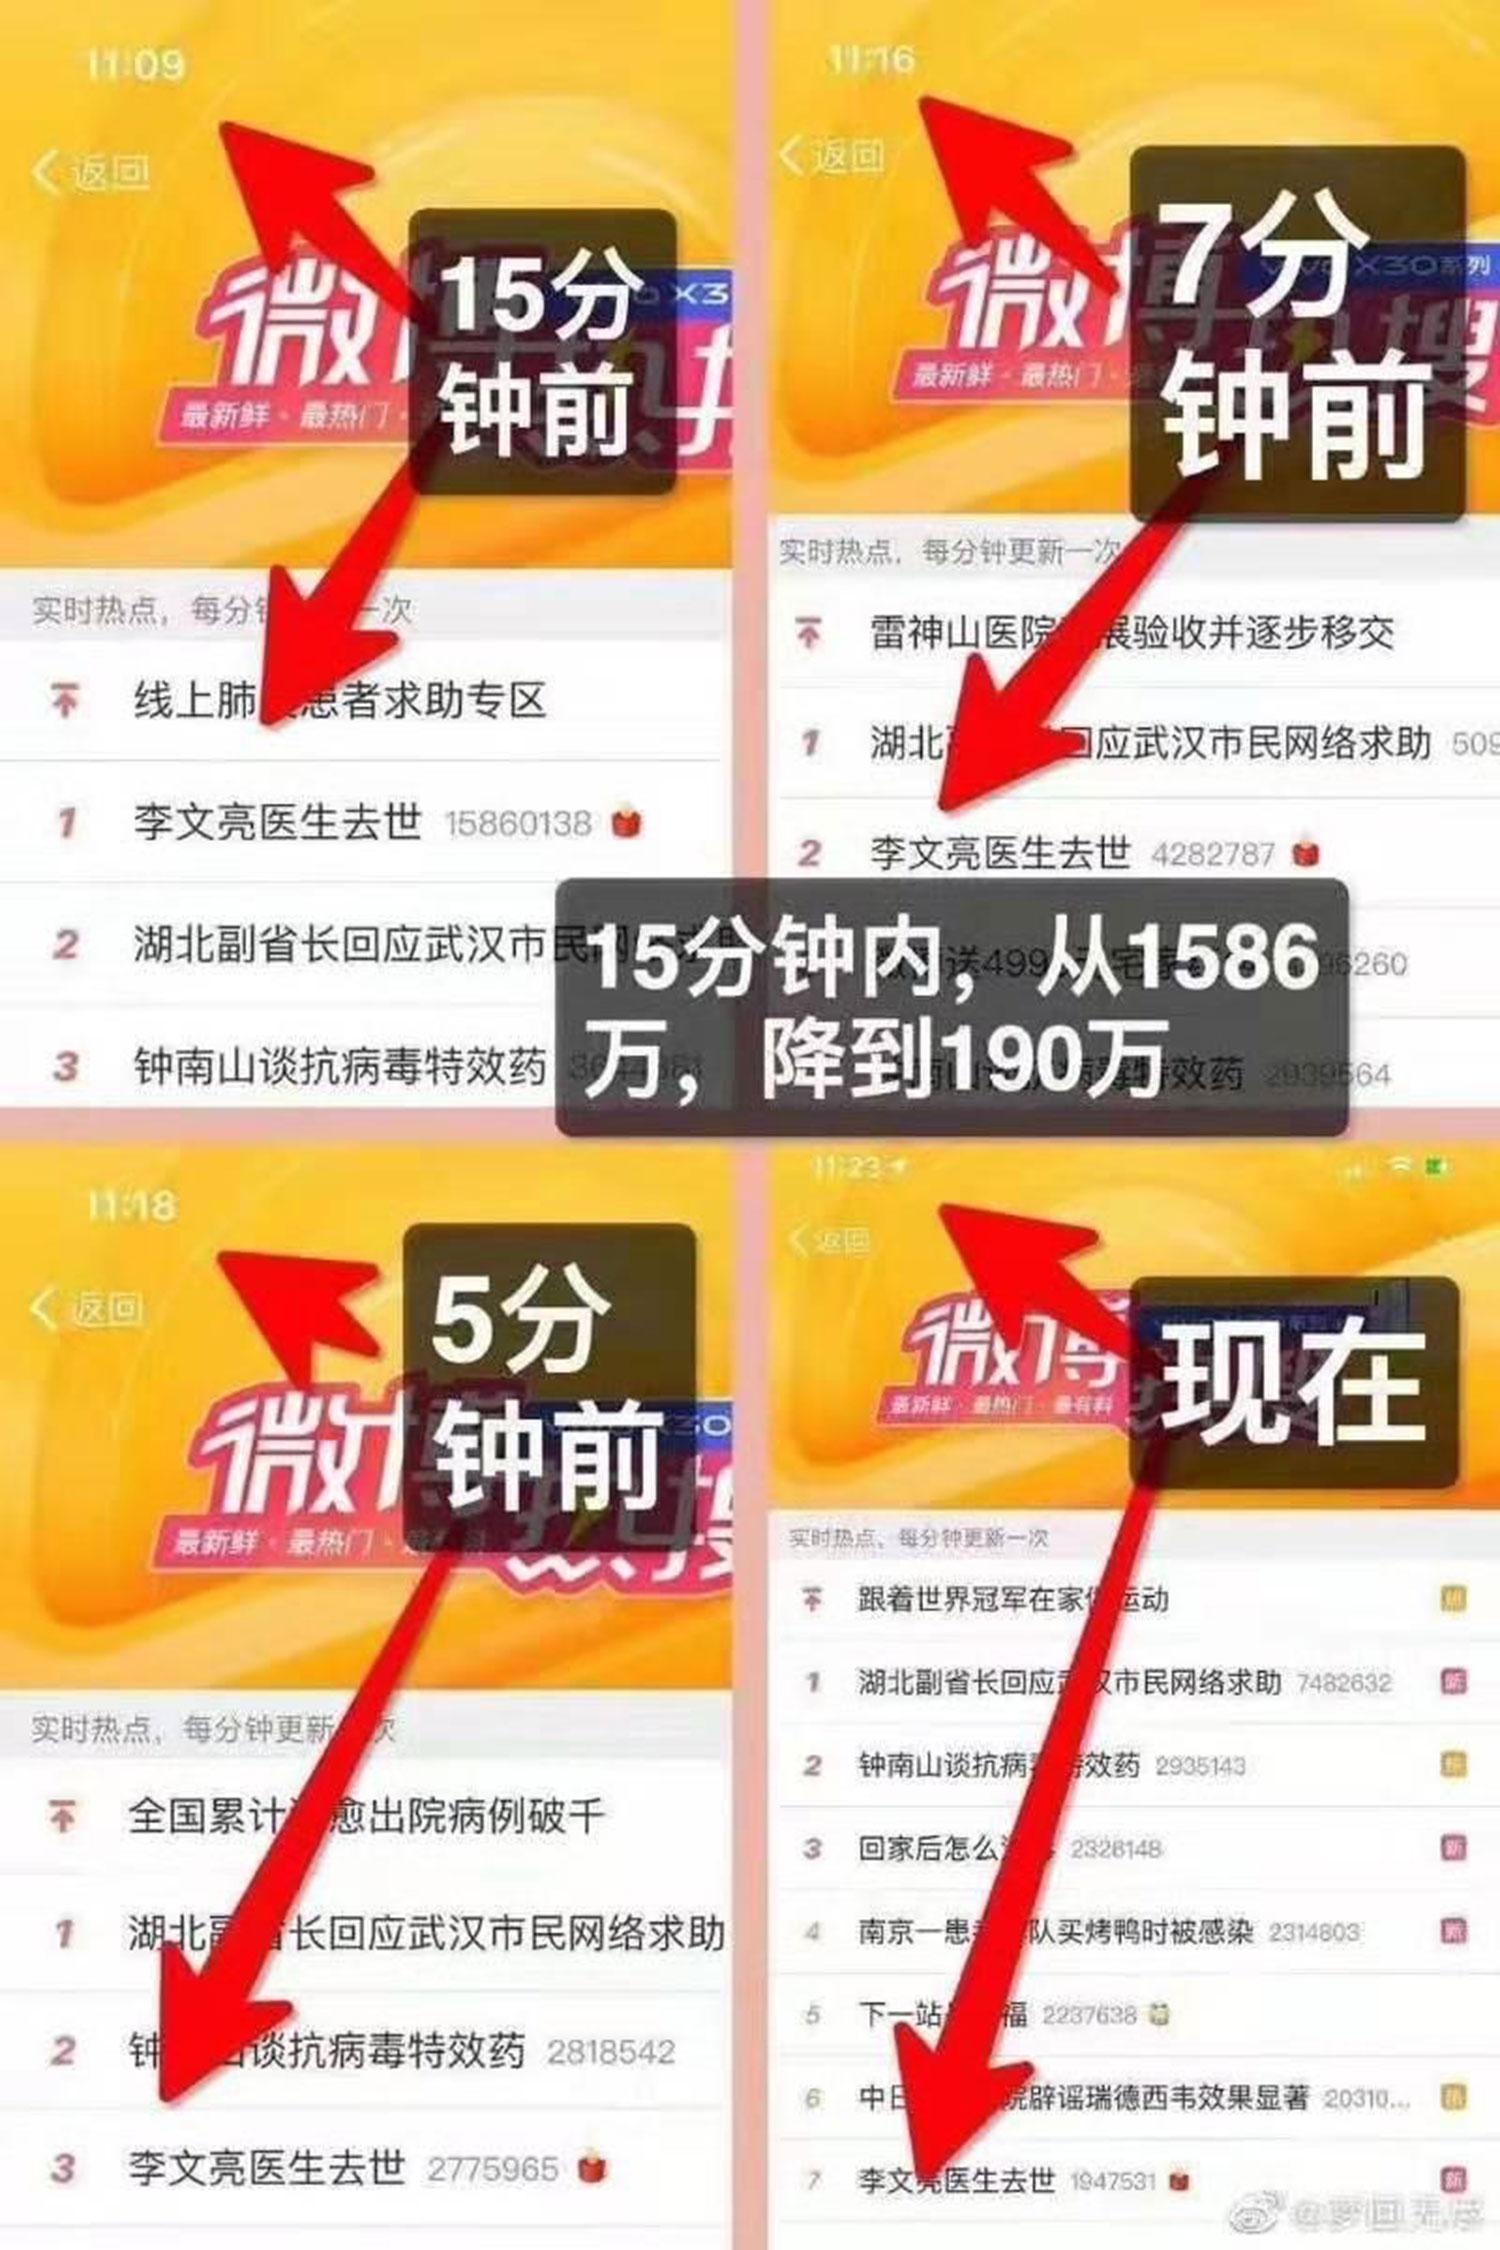 网民关注李文亮医生,当局在关注度上做手脚,人为降低点击量。(网络截图)